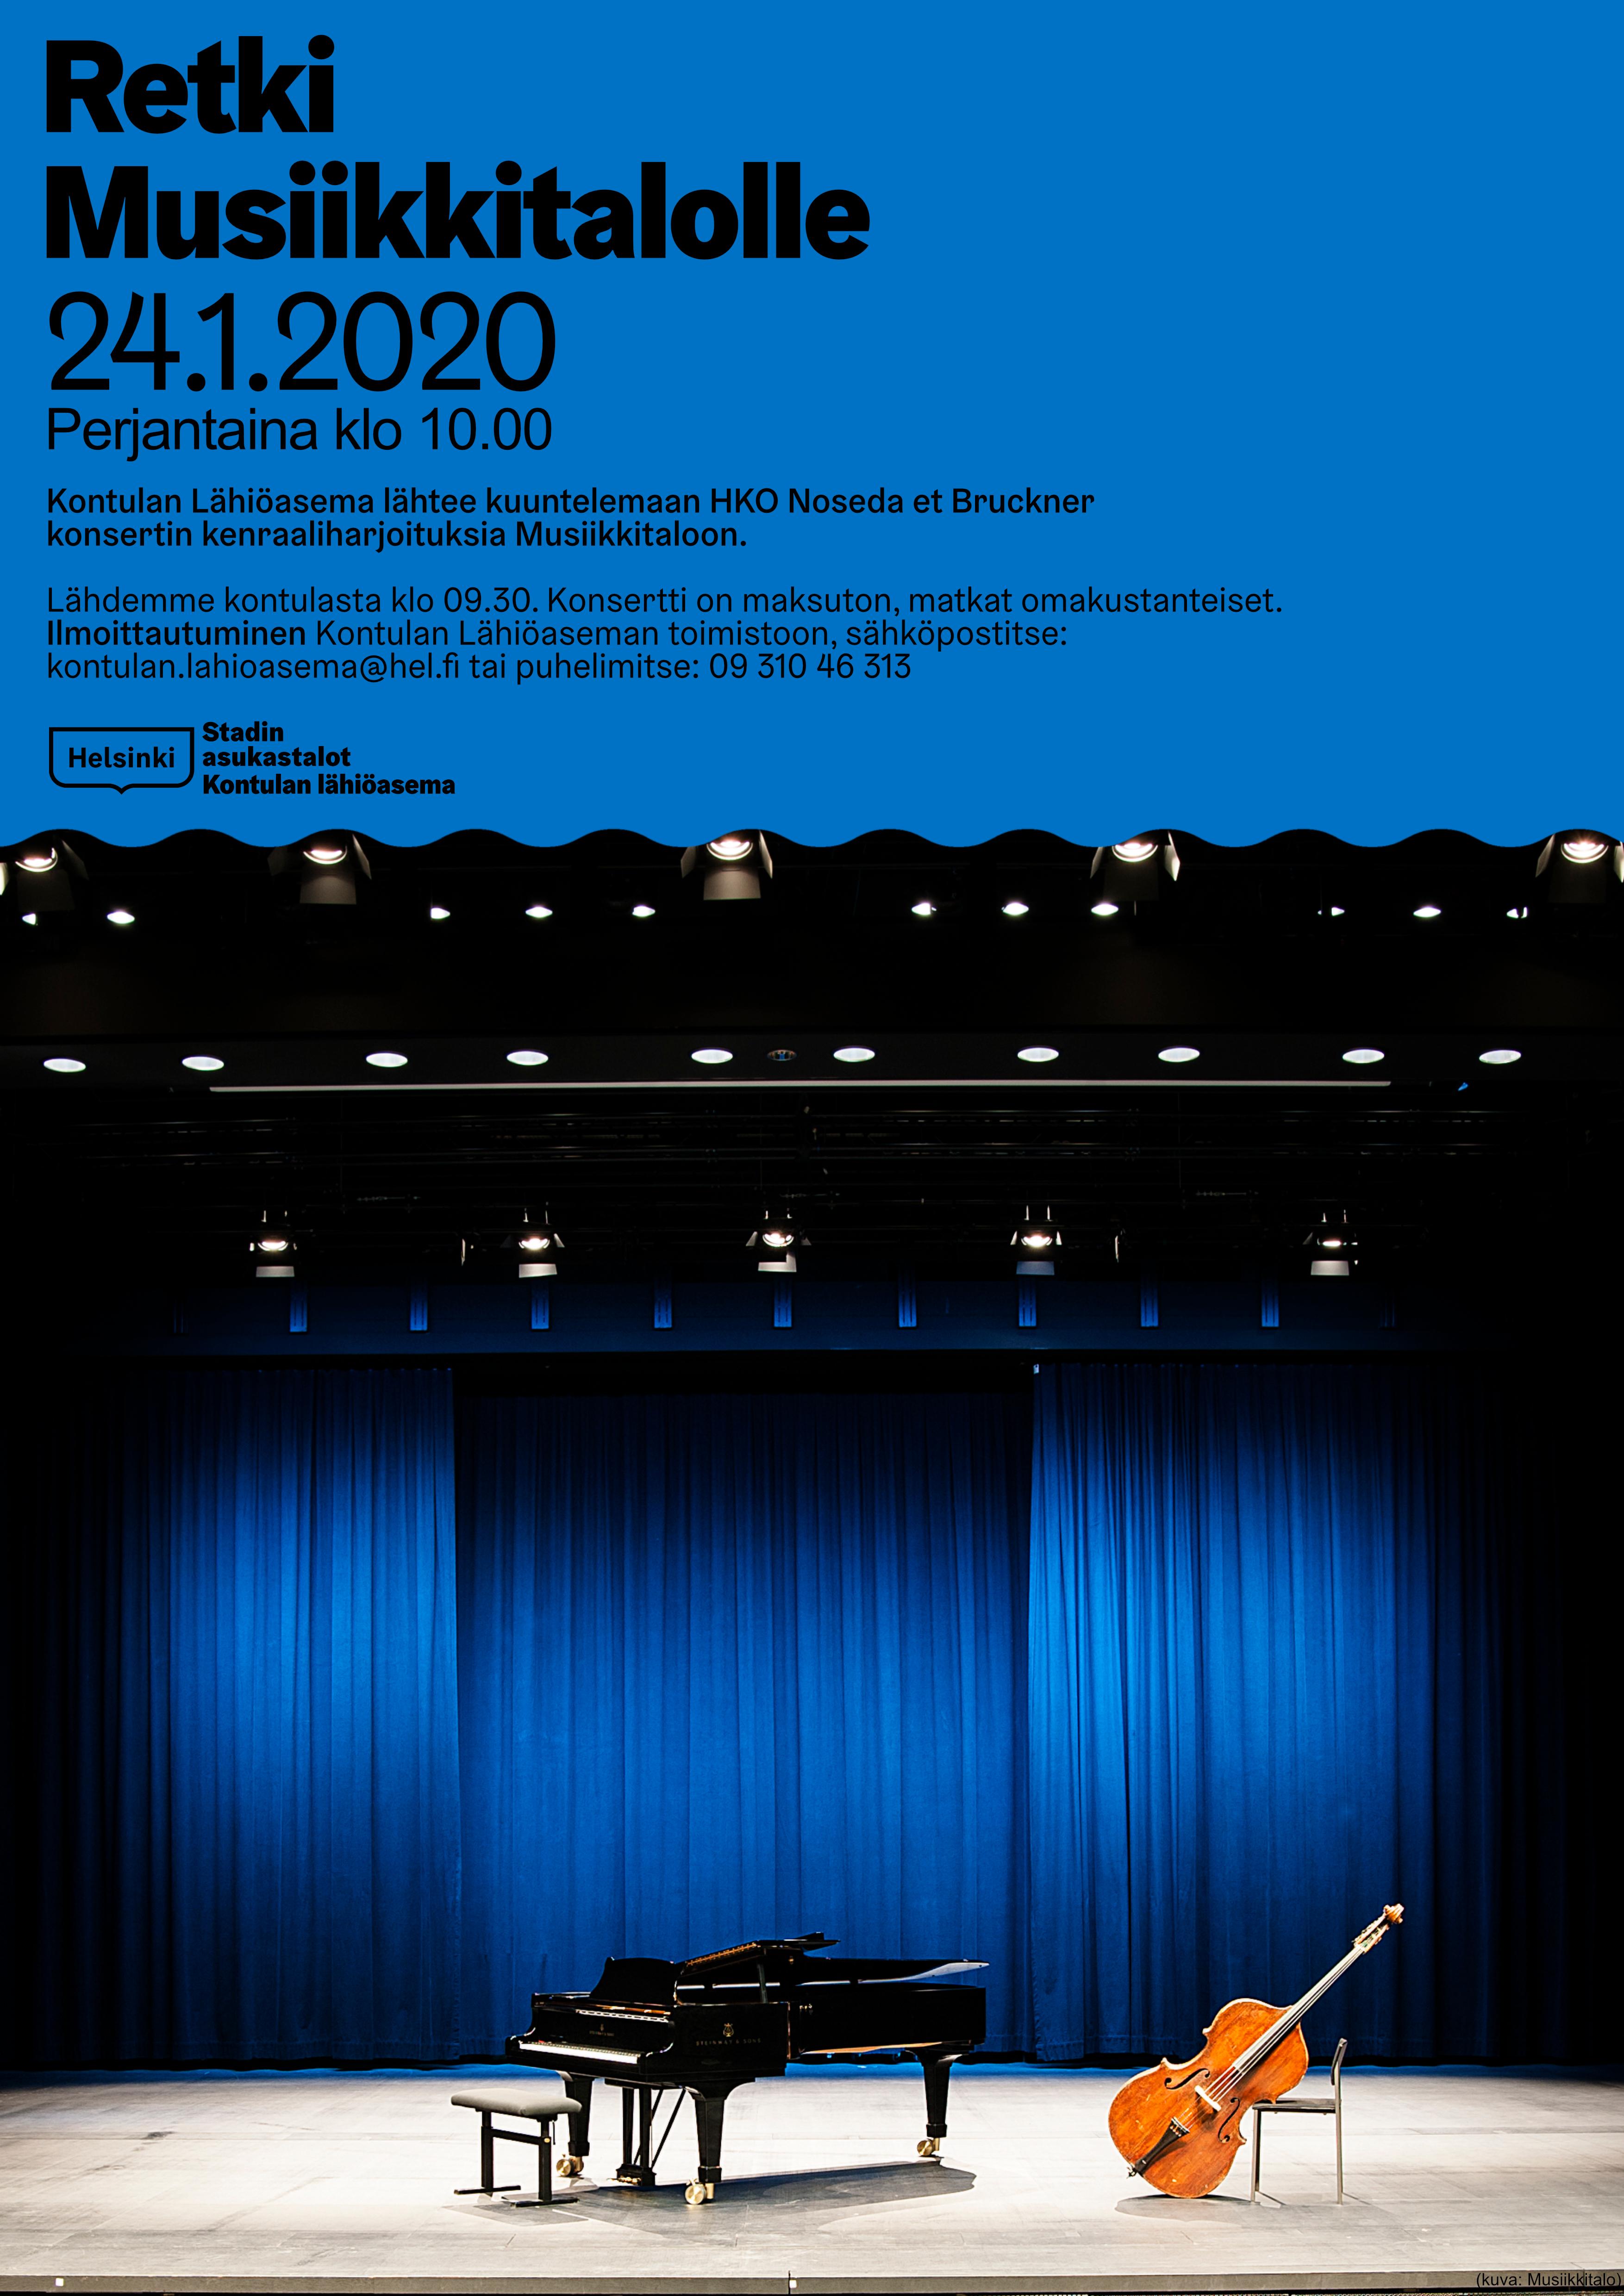 Link to event Retki musiikkitalolle